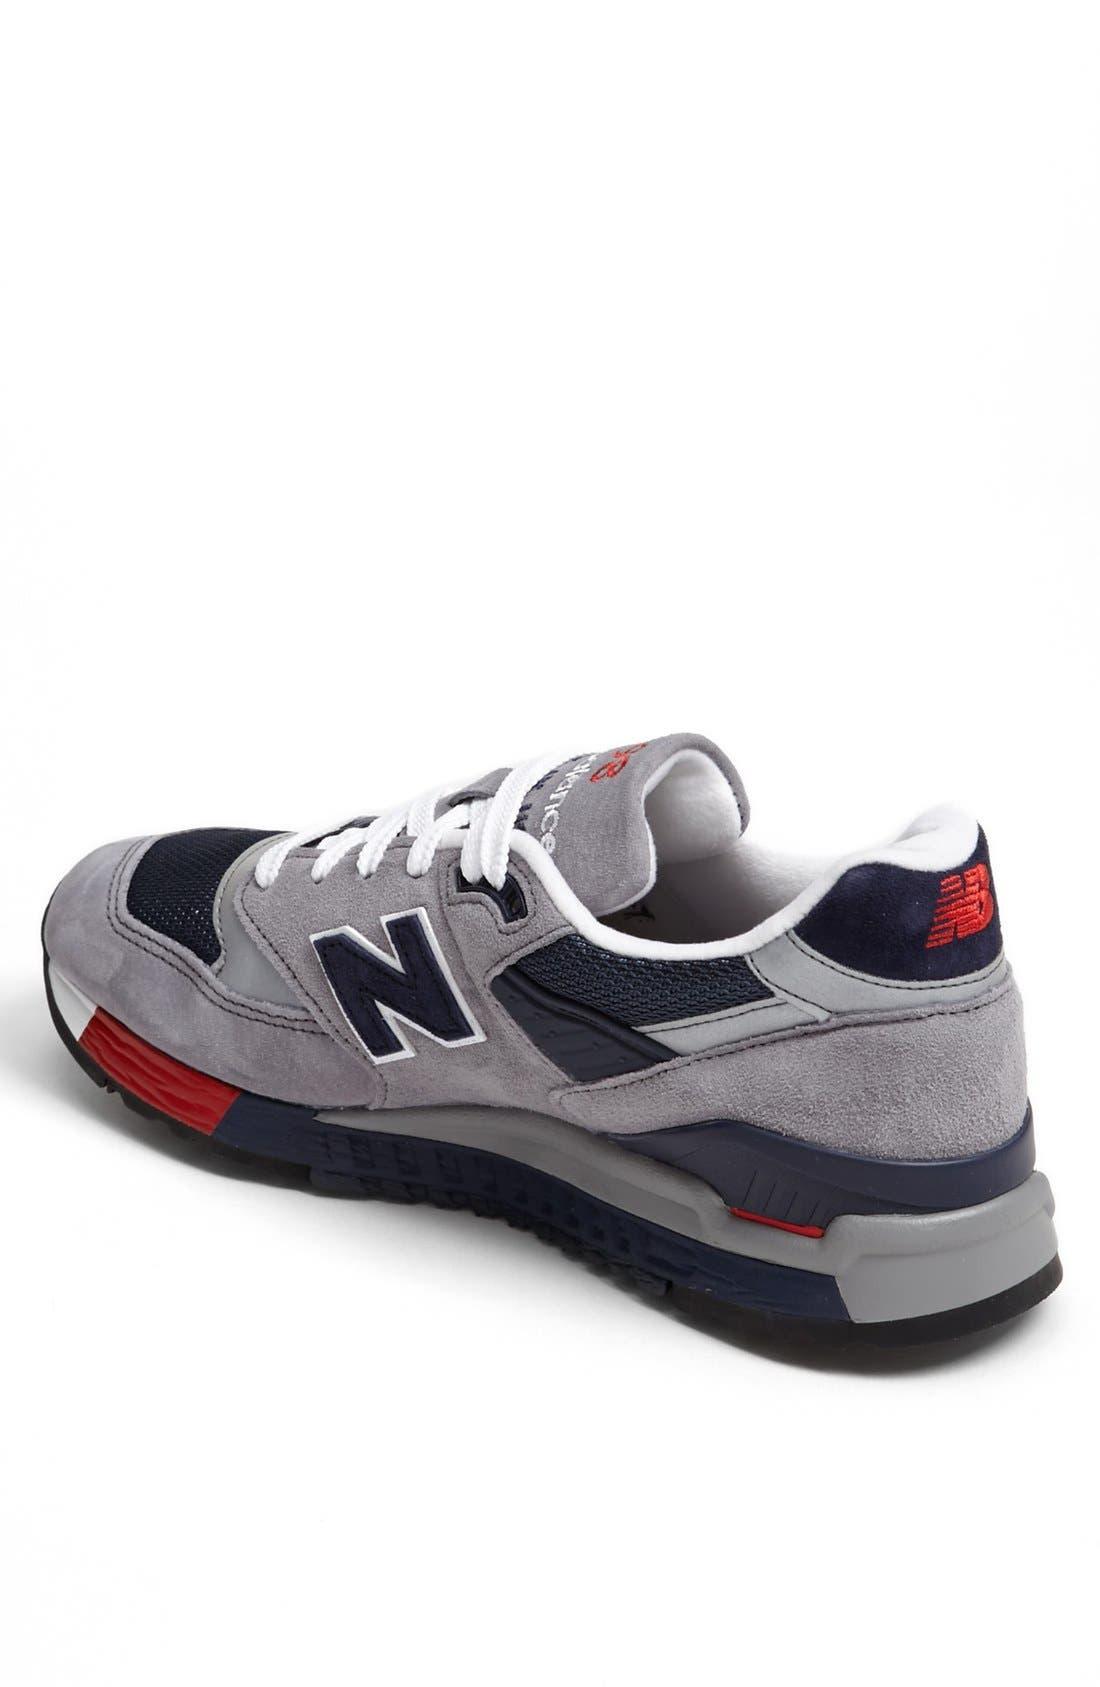 Alternate Image 2  - New Balance '998' Sneaker (Men)